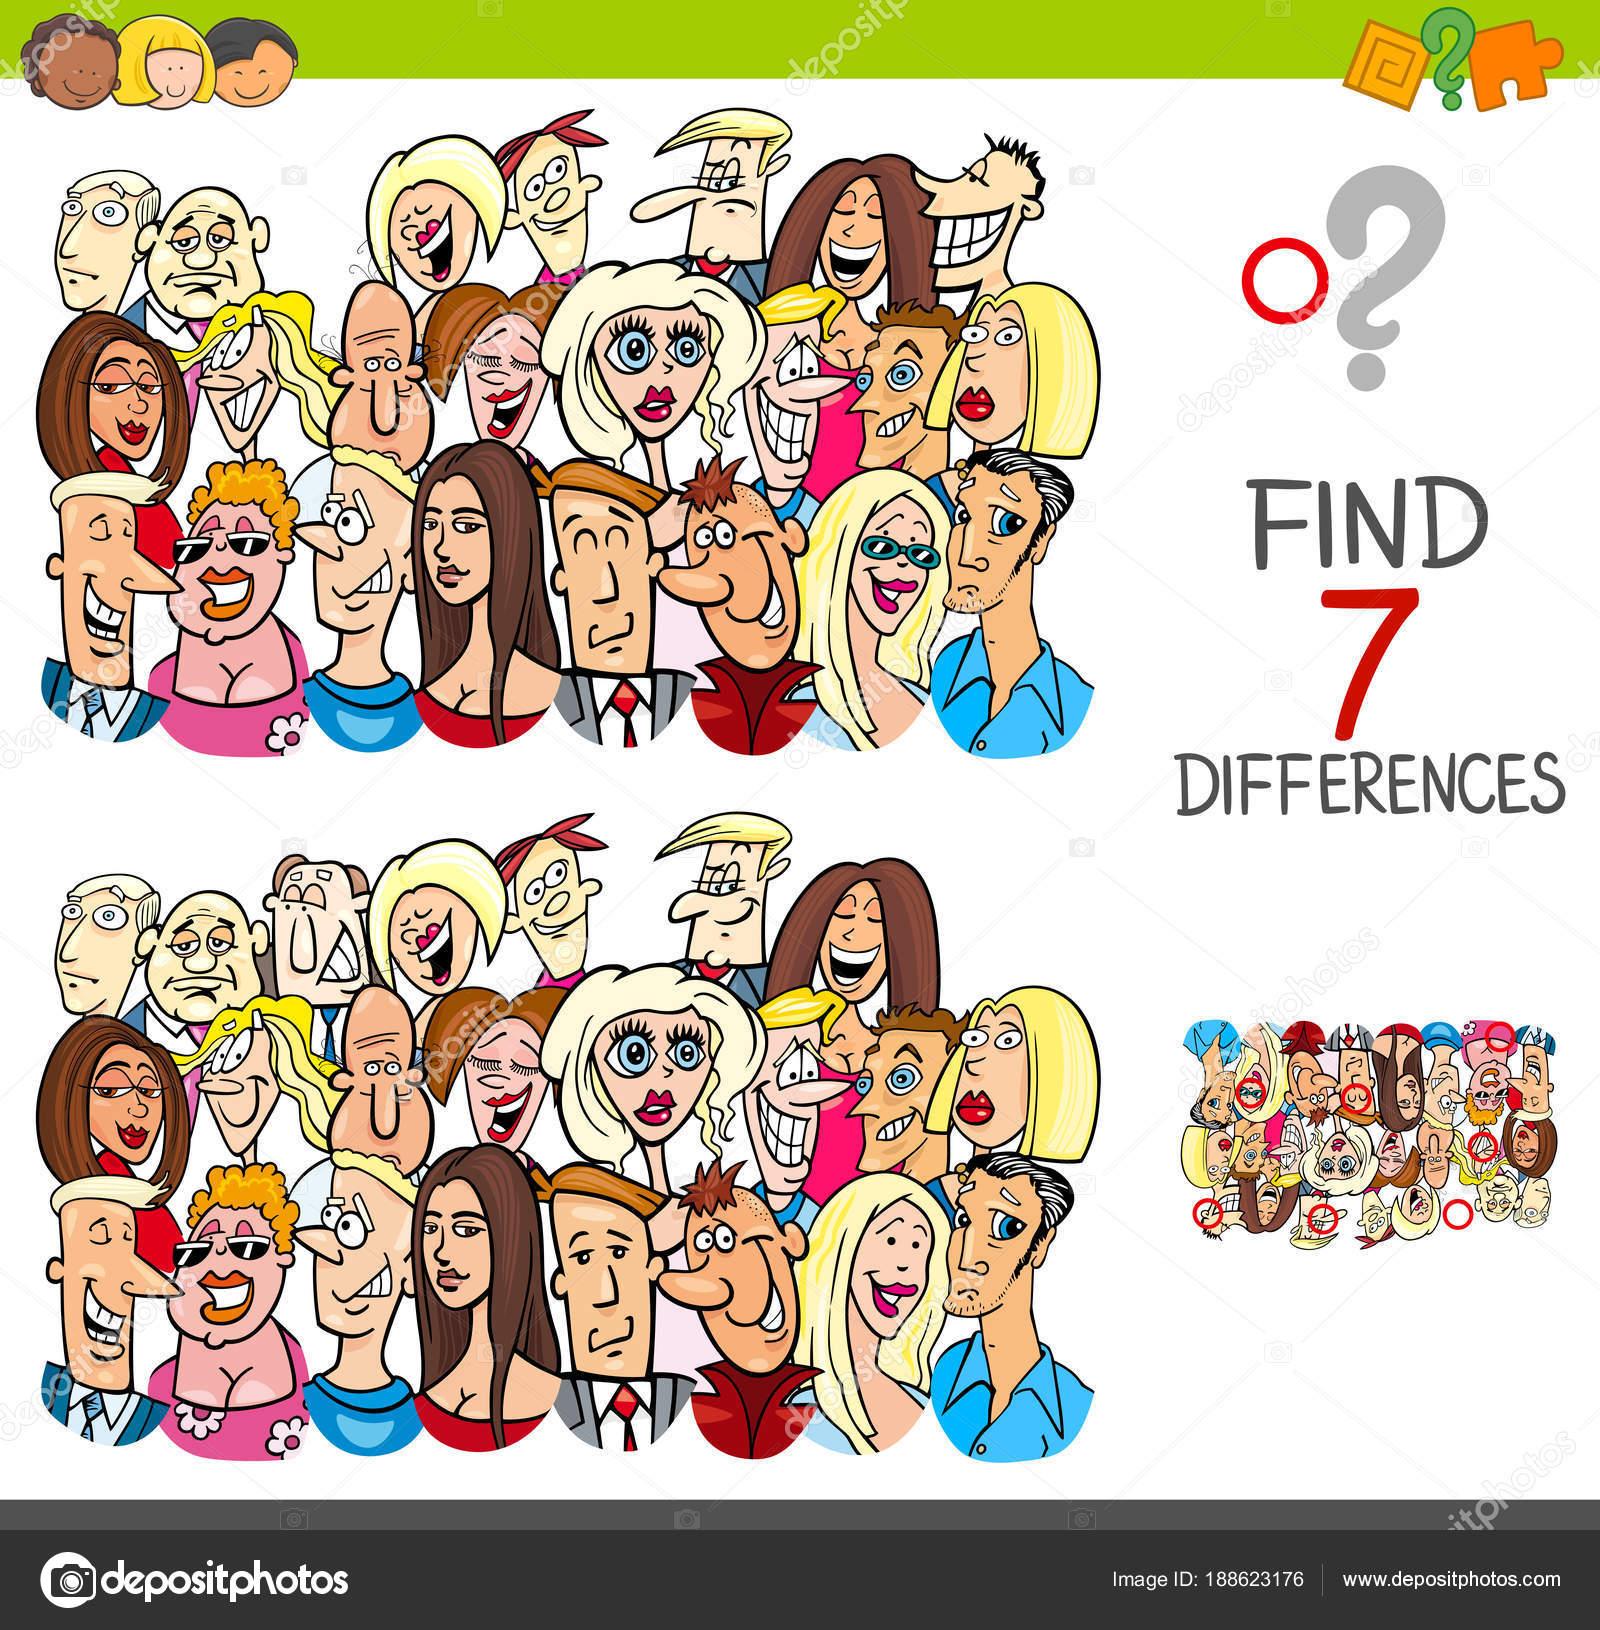 finden Sie Unterschiede Spiel mit Menschen Zeichen — Stockvektor ...